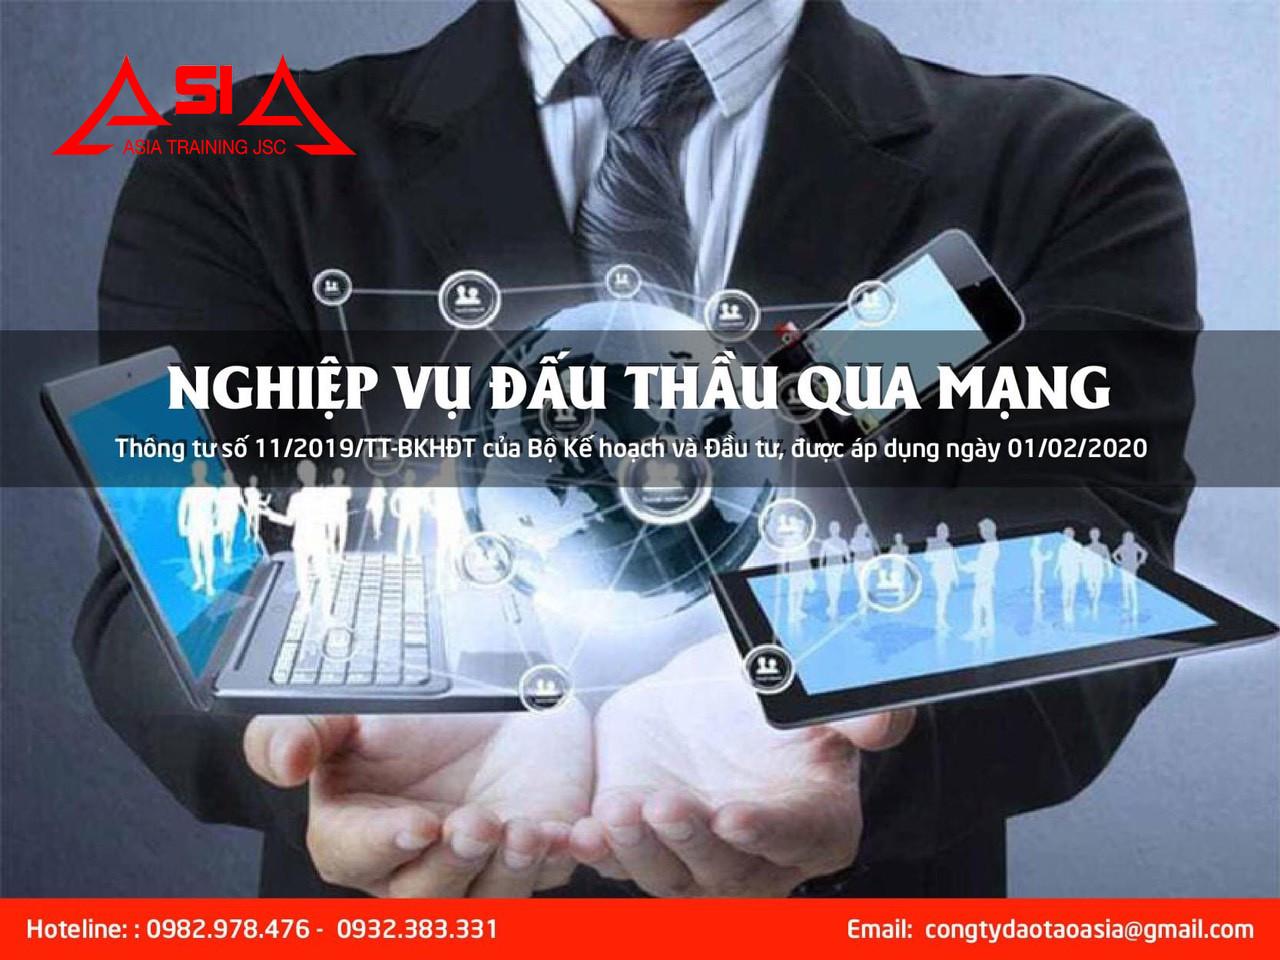 Khoá học đấu thầu mới nhất theo luật đấu thầu số 43/2013/QH 13